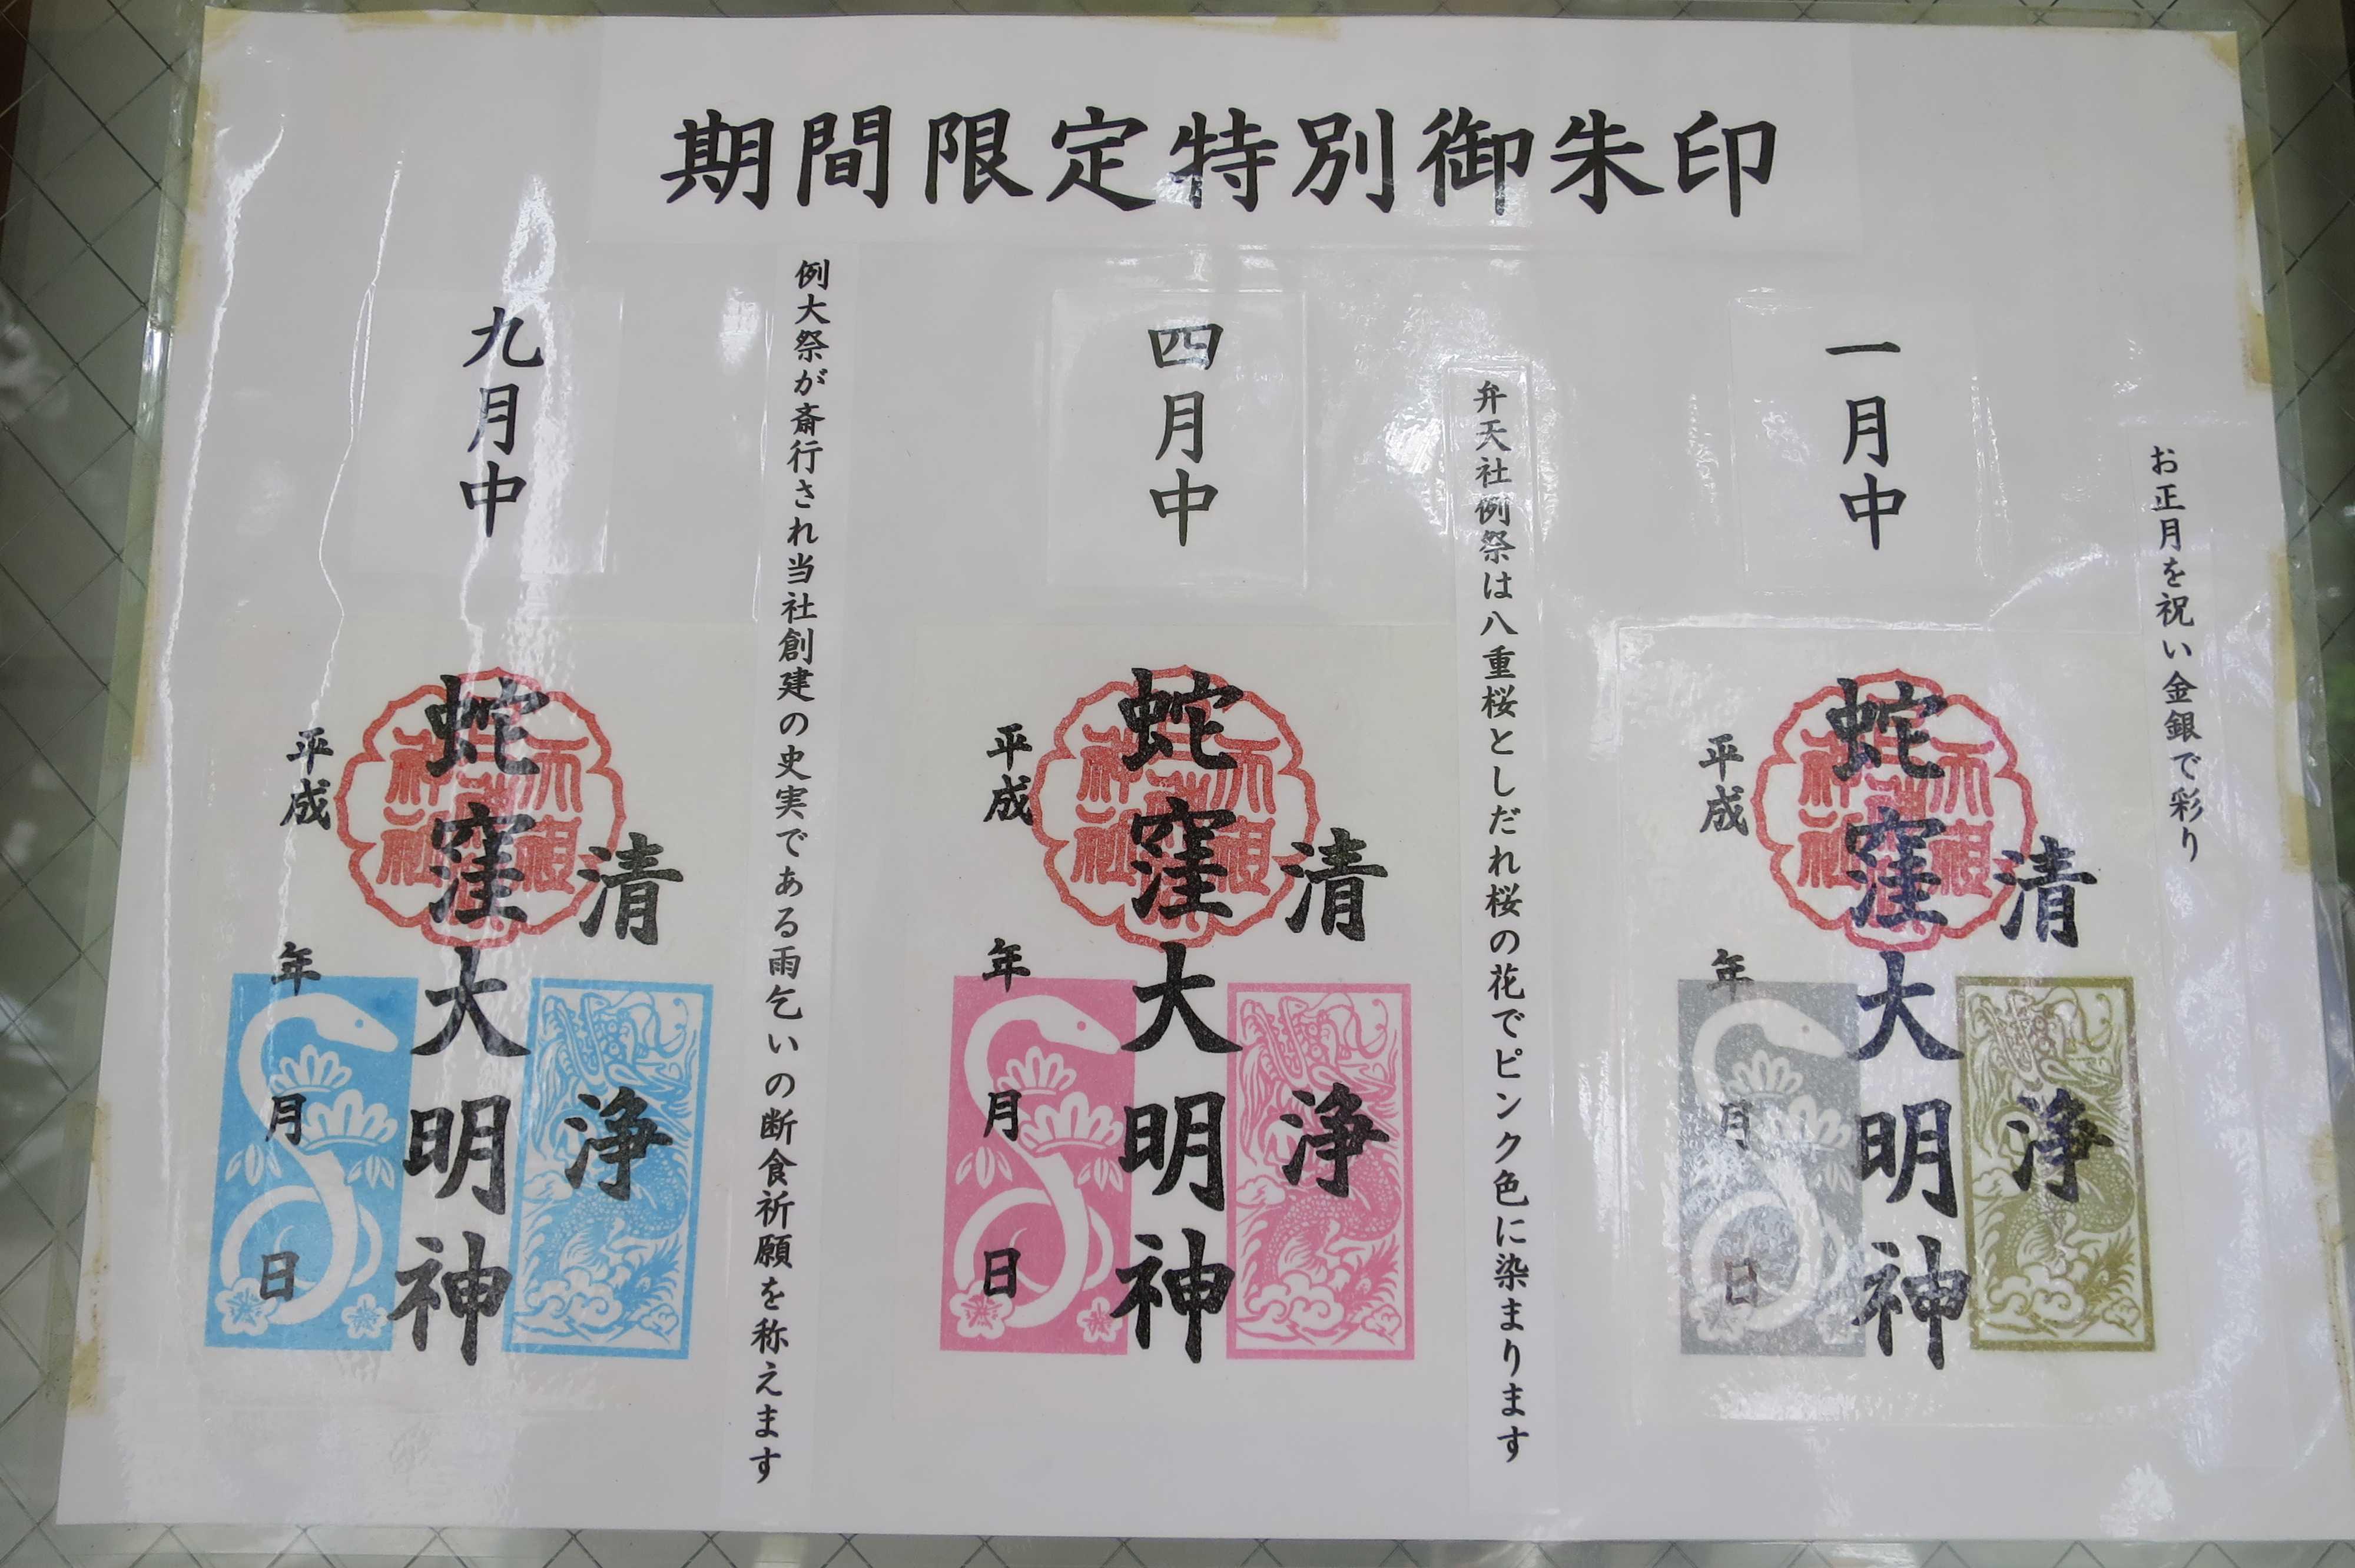 期間限定特別御朱印(上神明天祖神社)